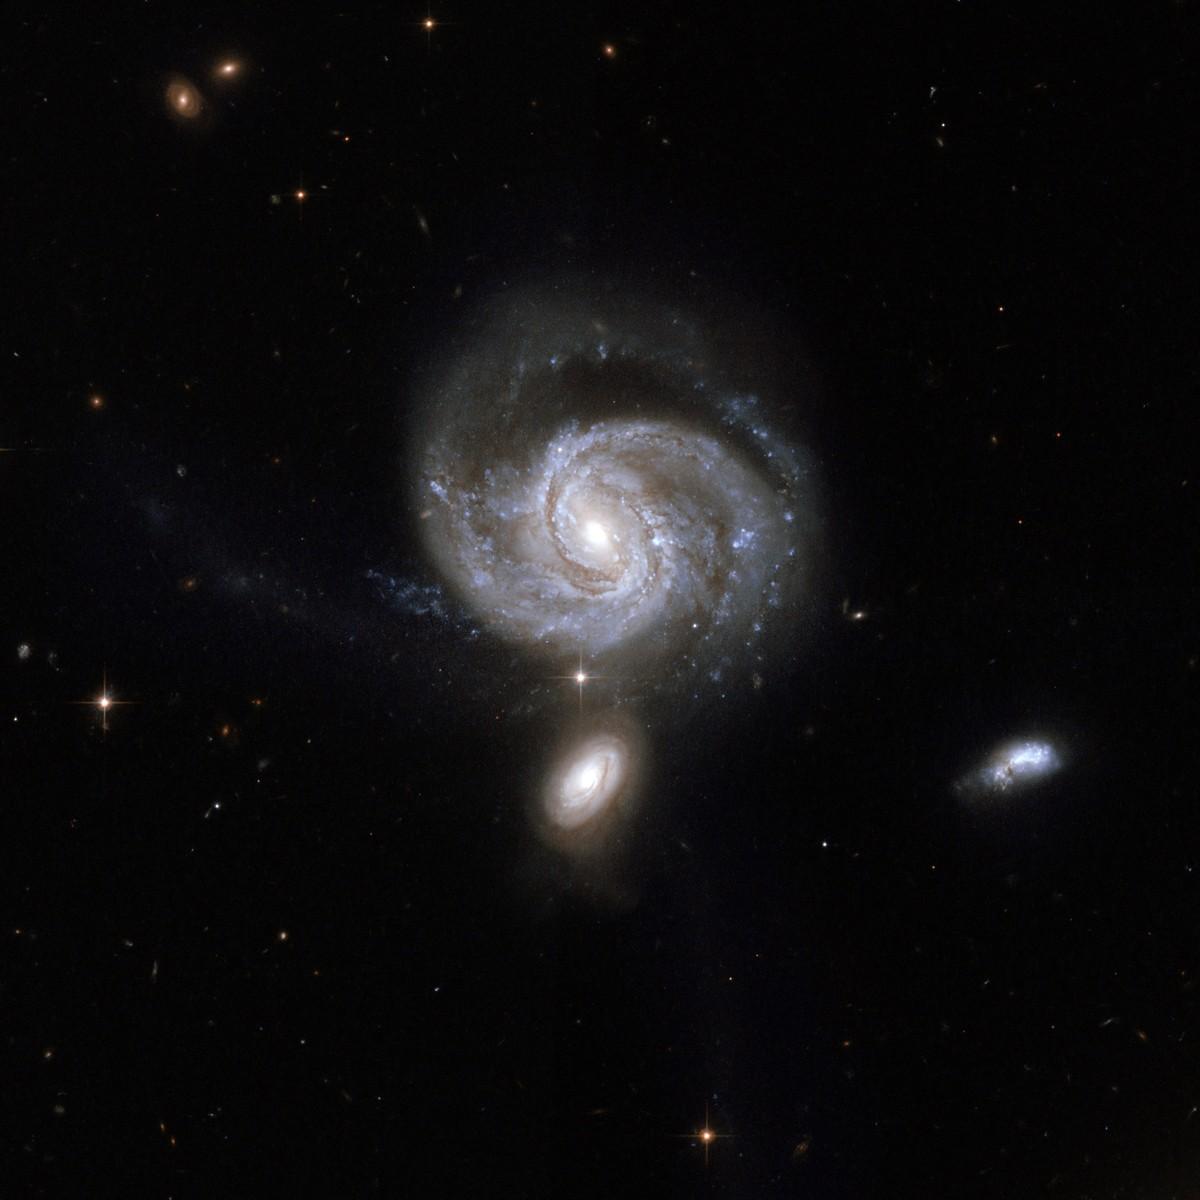 NGC 7674 (видимая чуть выше центра), также известная как Markarian 533, является самым ярким и крупным членом так называемой компактной группы галактик Хиксона 96, состоящей из четырех галактик.